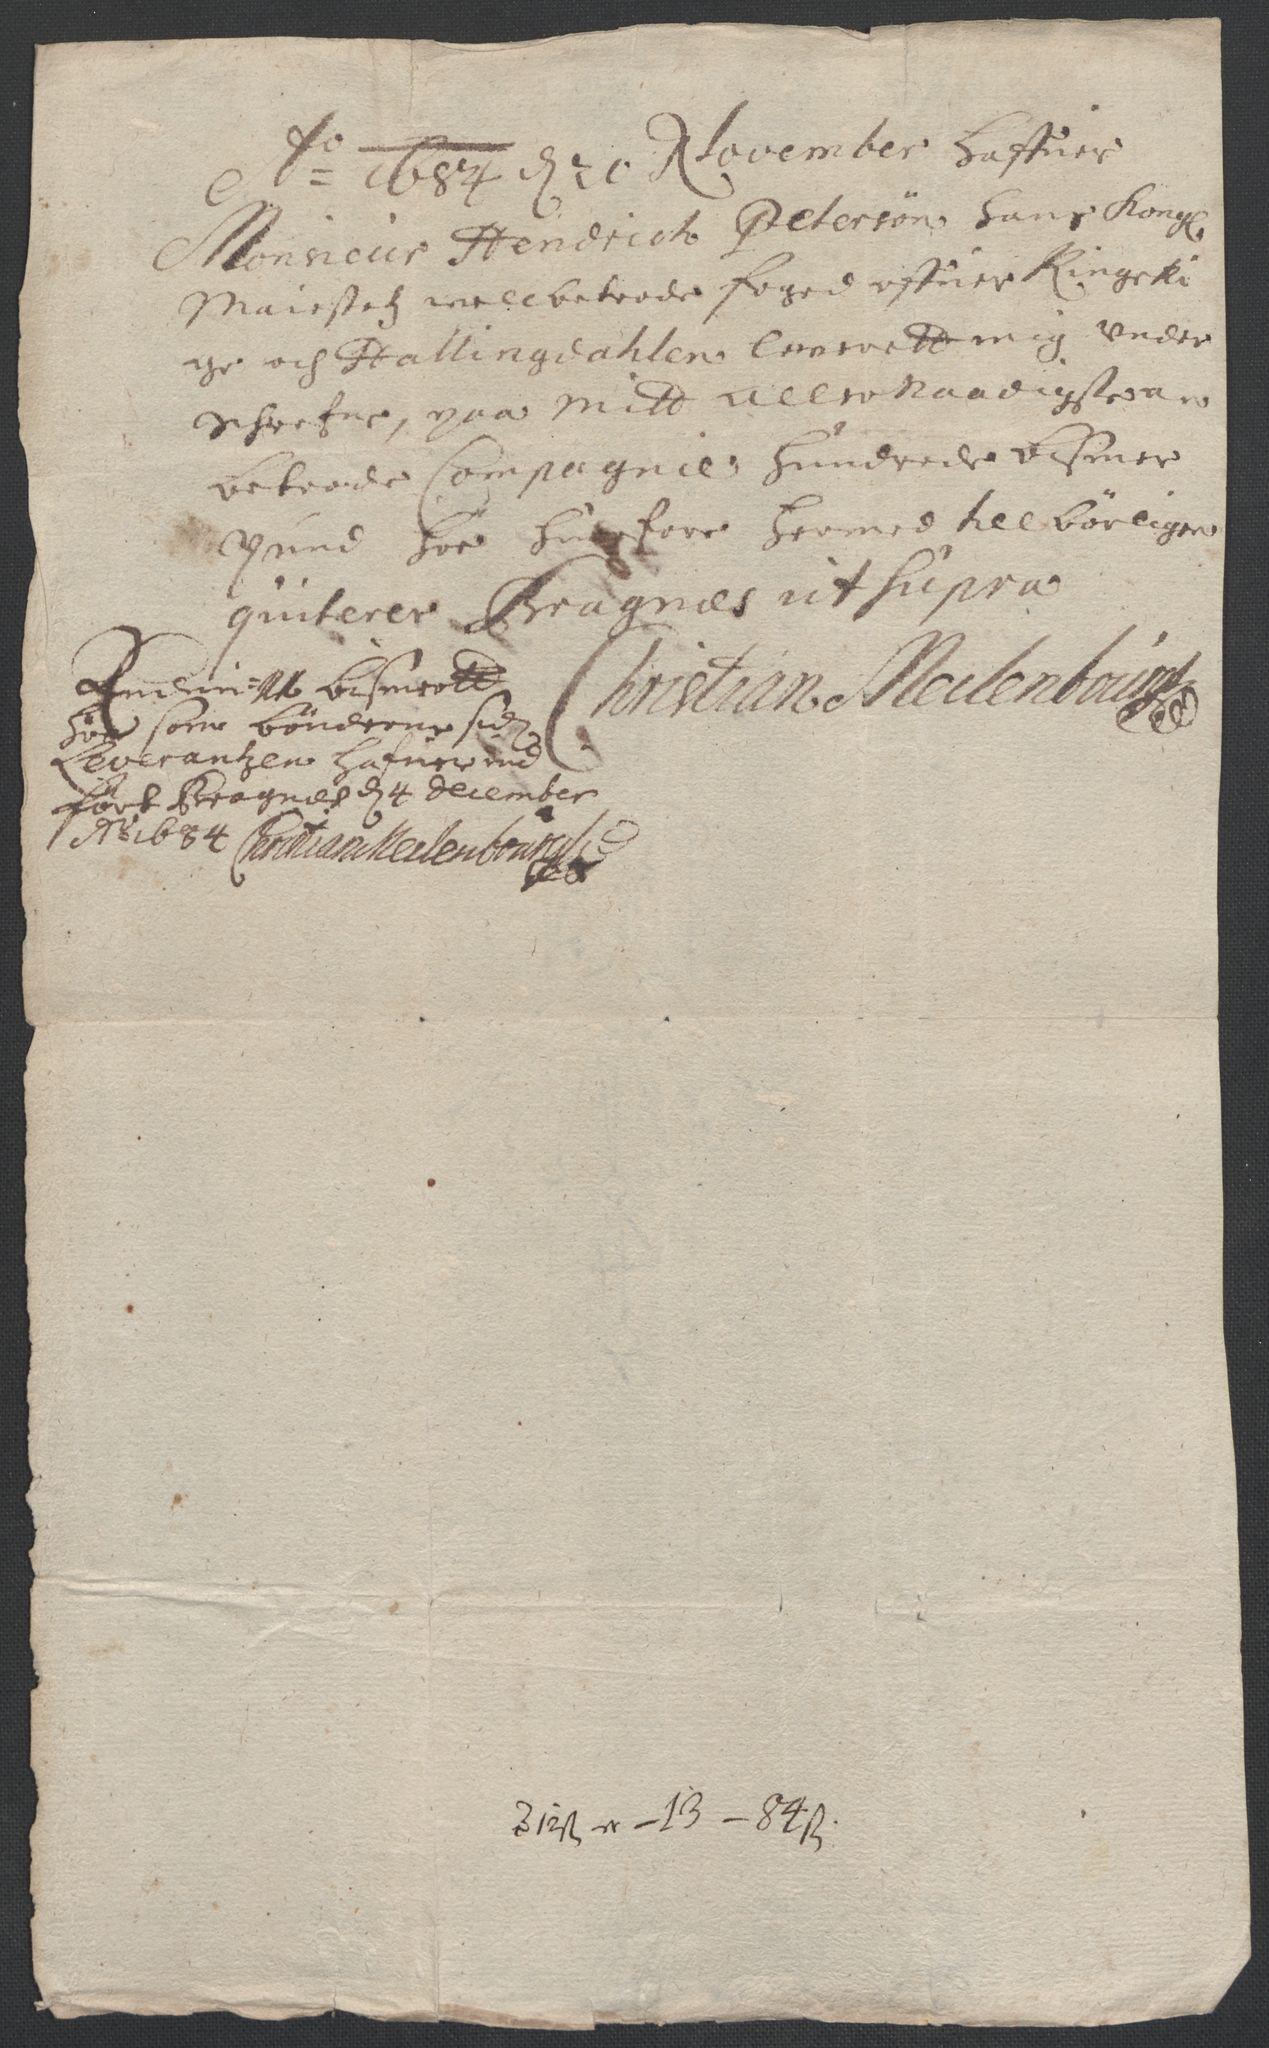 RA, Rentekammeret inntil 1814, Reviderte regnskaper, Fogderegnskap, R21/L1446: Fogderegnskap Ringerike og Hallingdal, 1683-1686, s. 269